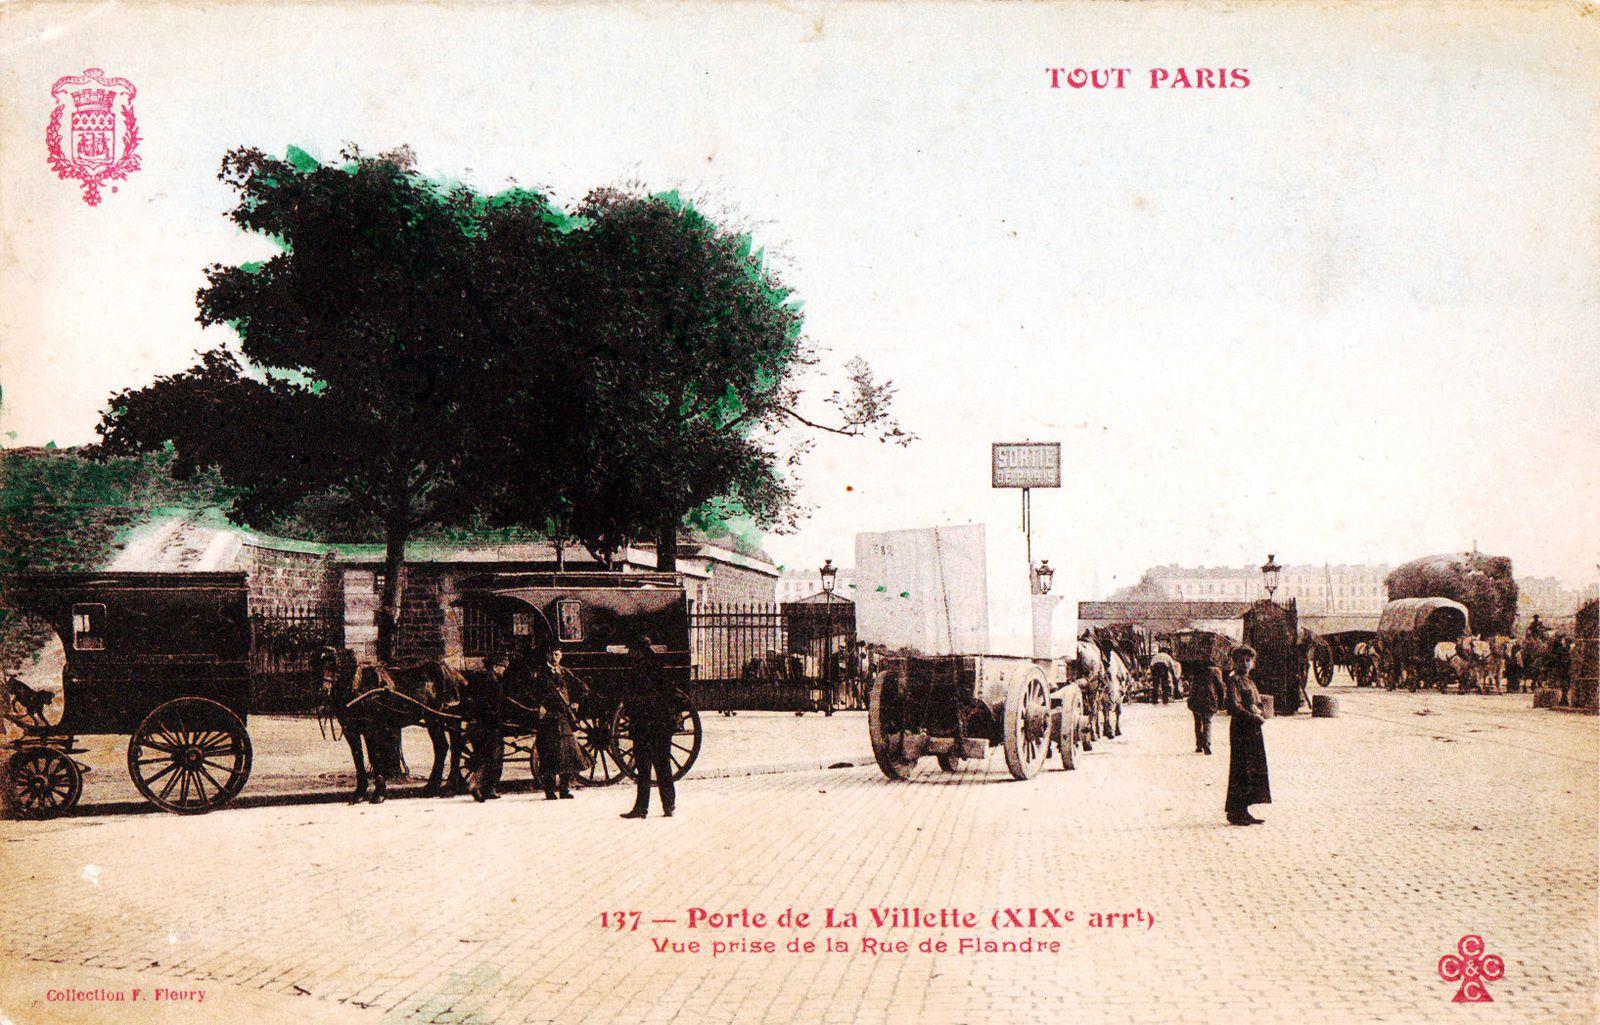 - Scène d'octroi ; à droite, l'imposante silhouette d'un attelage de pailleux. En 1882, le foin paie un droit d'entrée de 6 francs par 100 bottes de 5kg, la paille 2 francs 50 centimes. Le prix de vente moyen du foin est de 8,24 fr le quintal, celui de la paille de Seine-et-Oise ou de Seine-et -Marne varie entre 5,41 fr et 5,65 fr.